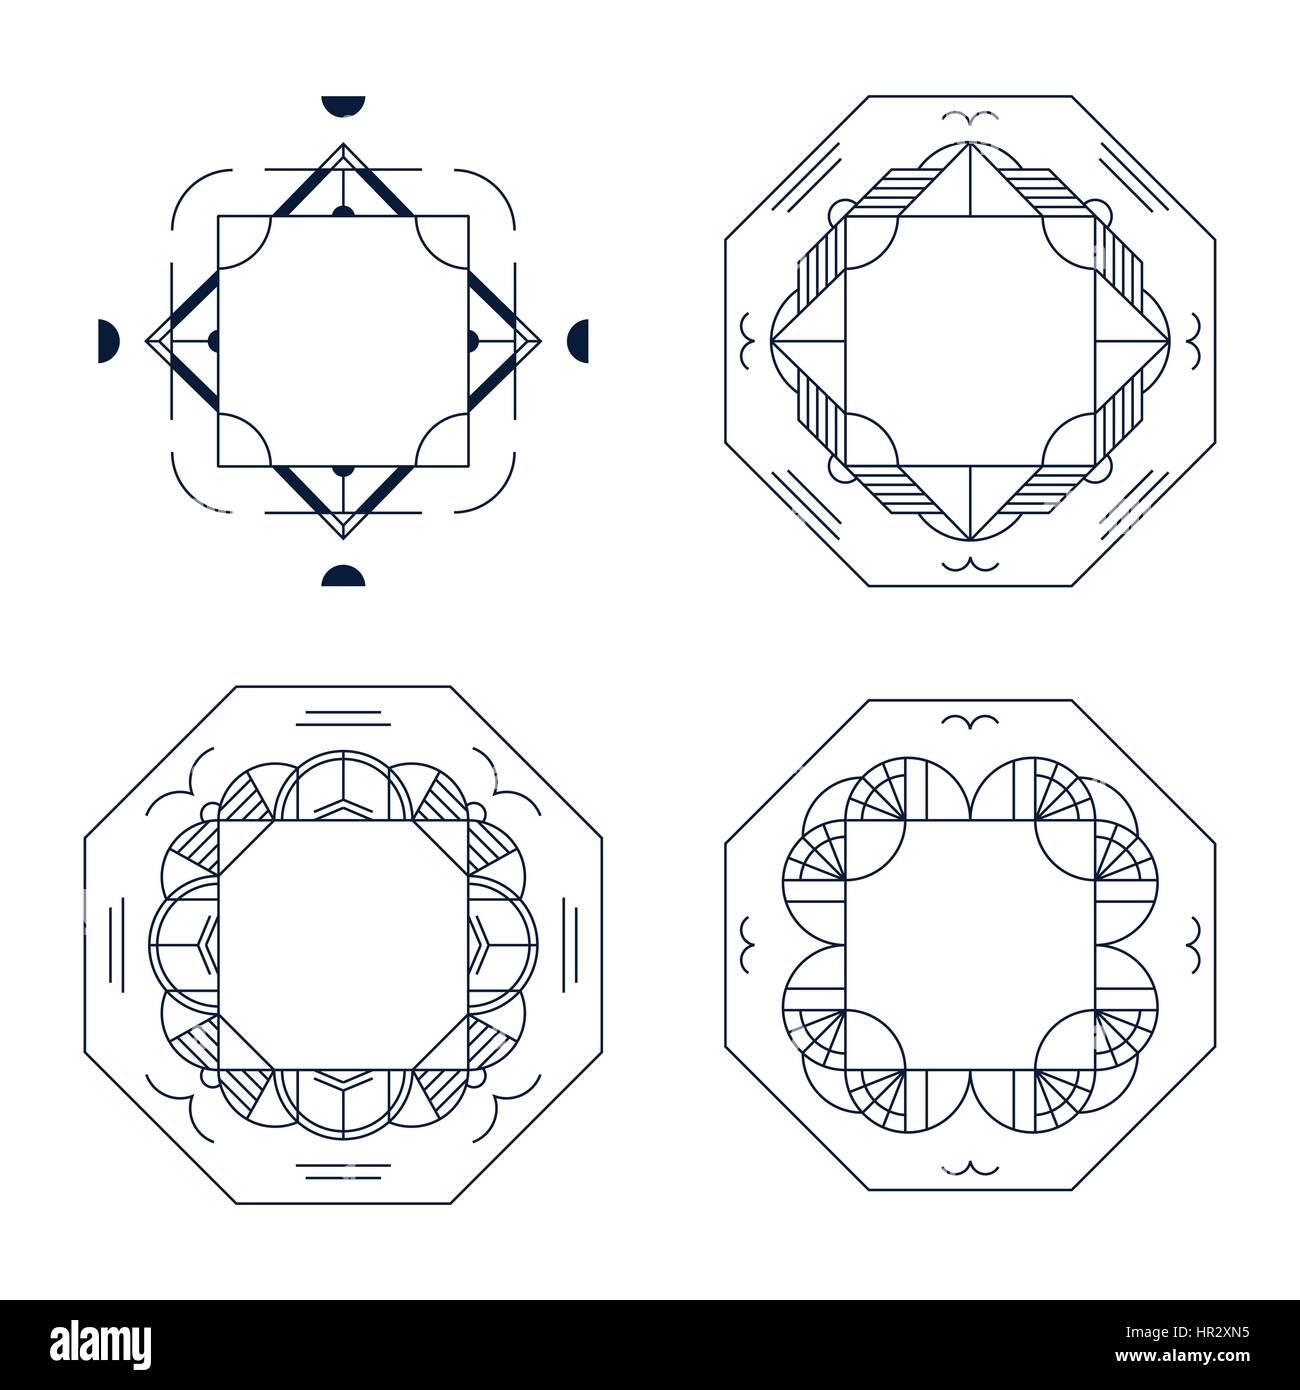 Elegante marco y diseño de fondo de la trama lineal geométrico. Los ...